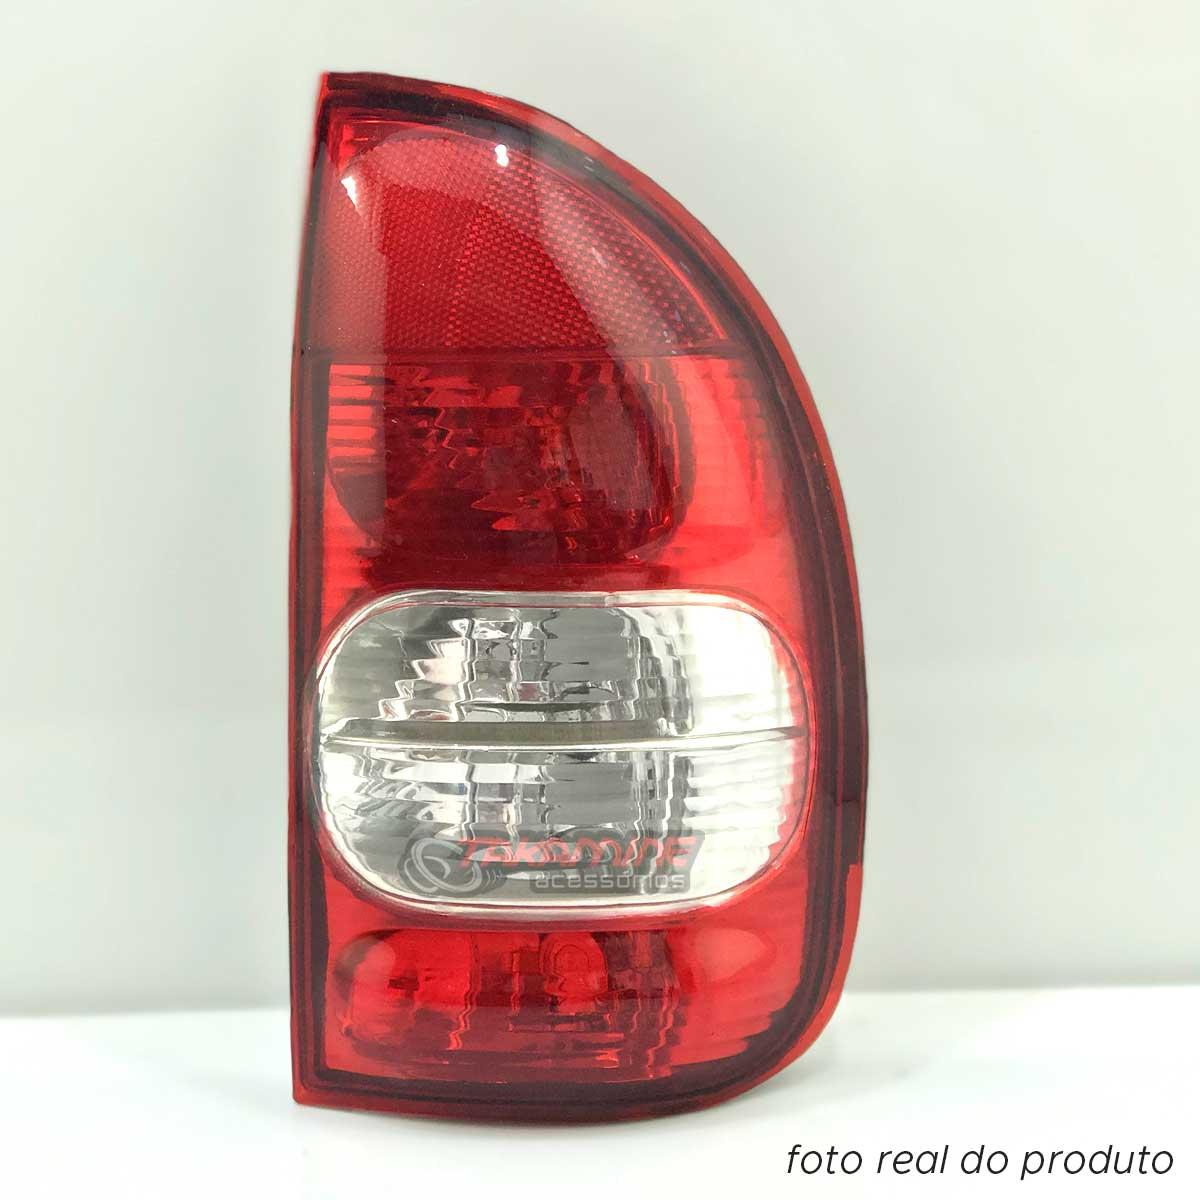 Lanterna traseira Corsa 4P 2000 2001 2002 2003 bicolor lado direito